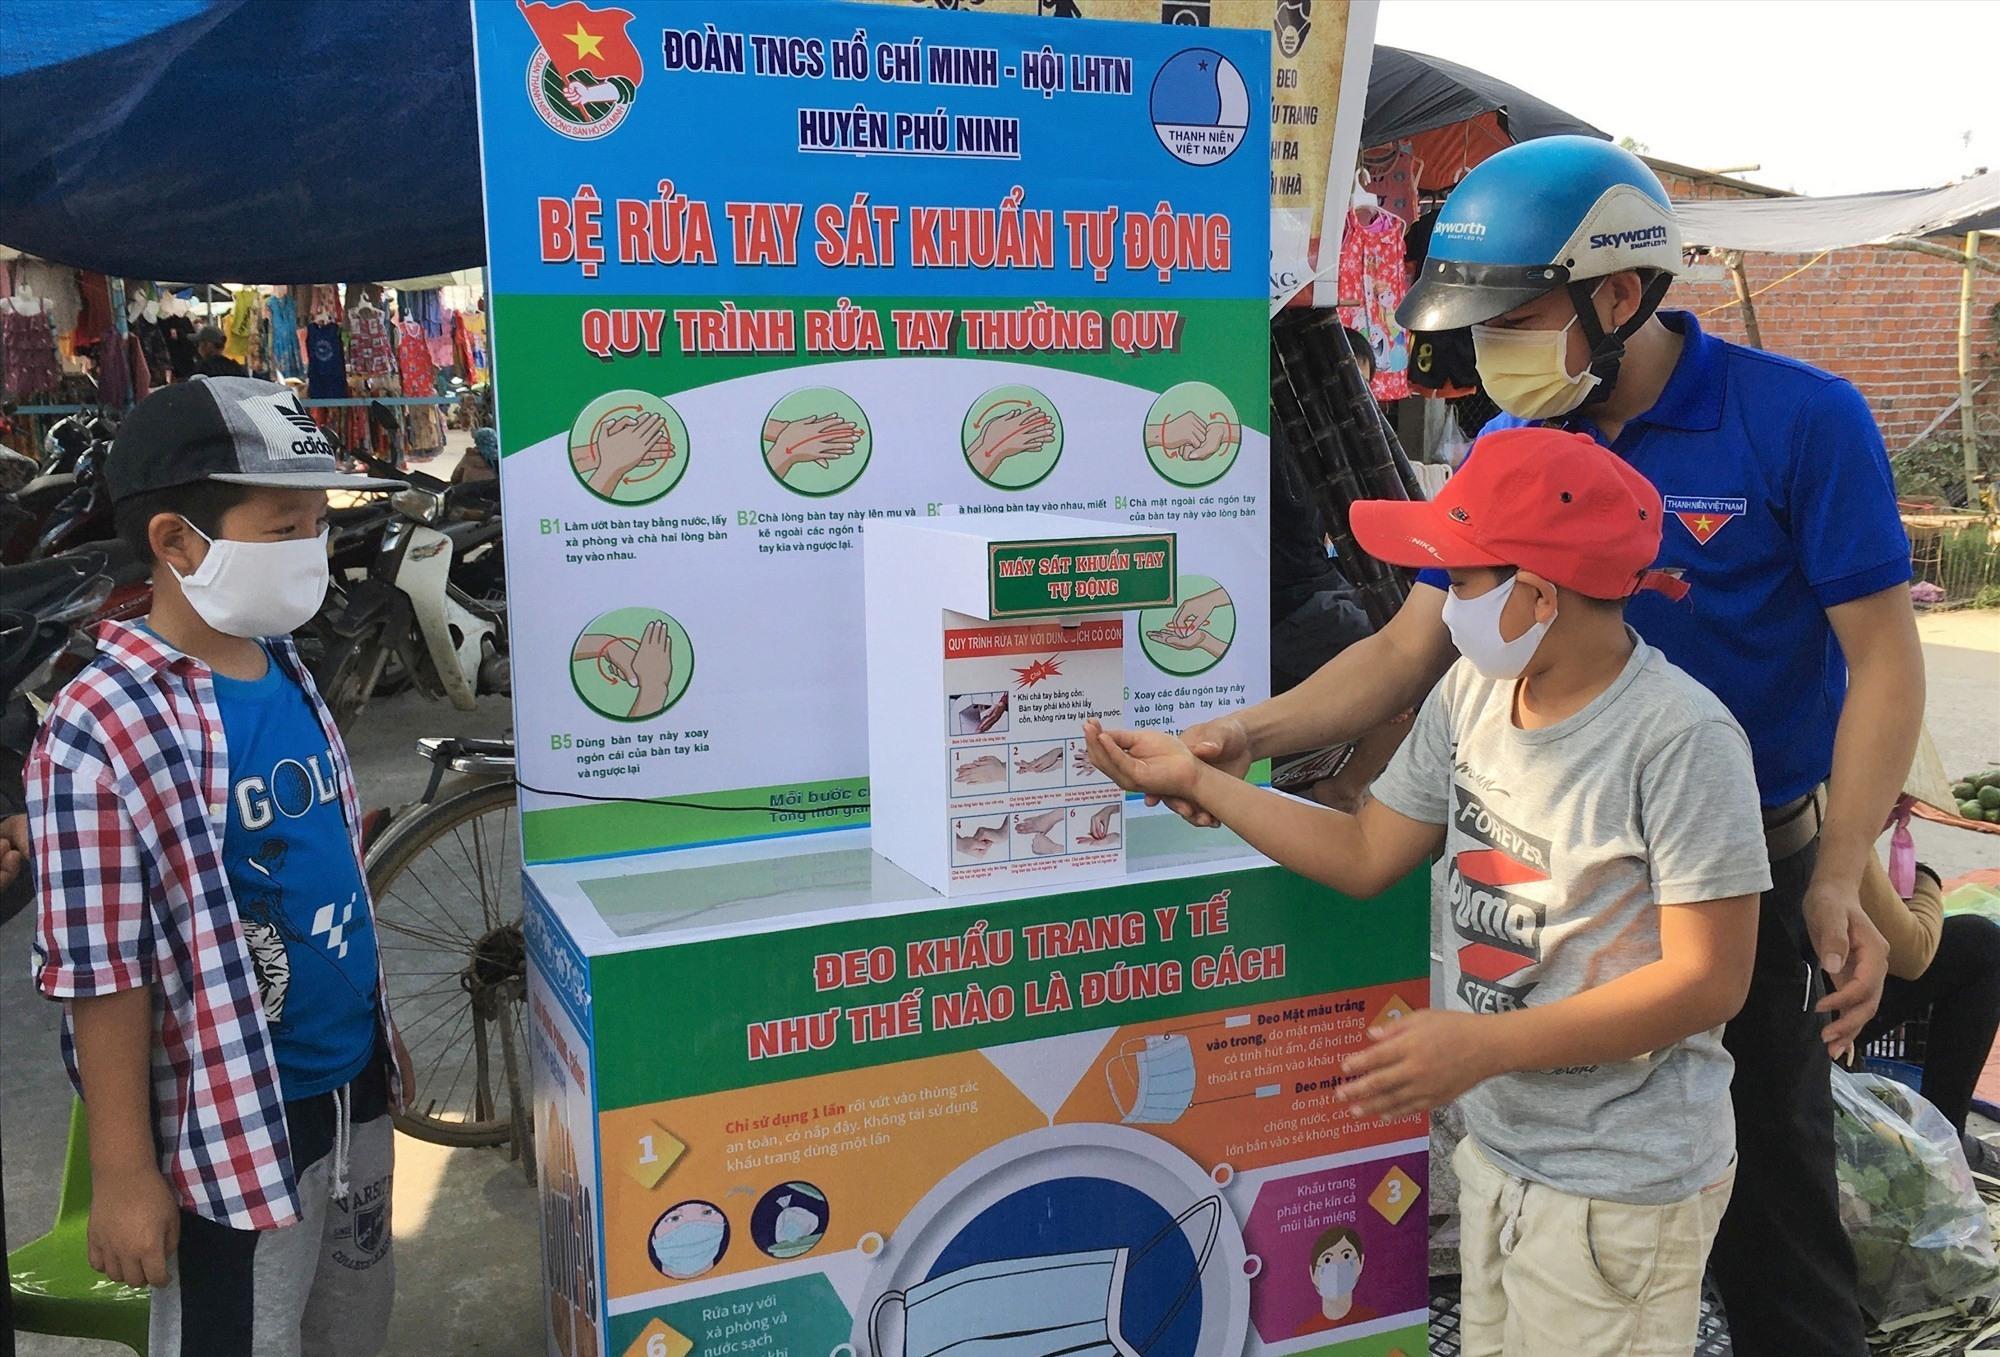 Huyện đoàn Phú Ninh phối hợp lắp đặt máy sát khuẩn tự động phòng chống dịch bệnh Covid-19. Ảnh: HẢI CHÂU